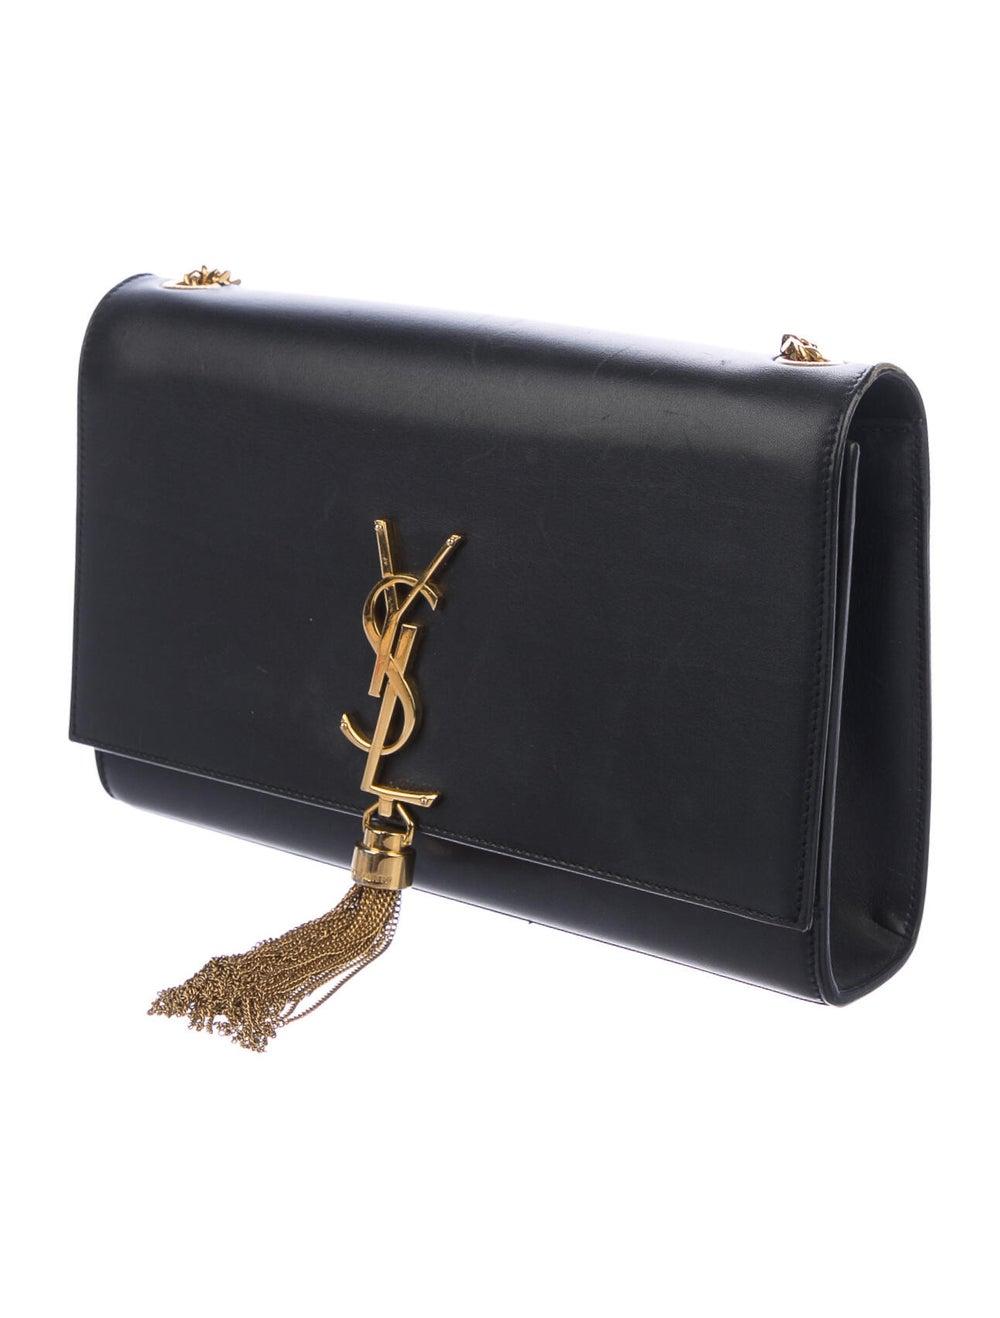 Saint Laurent Kate Tassel Small Bag Black - image 3